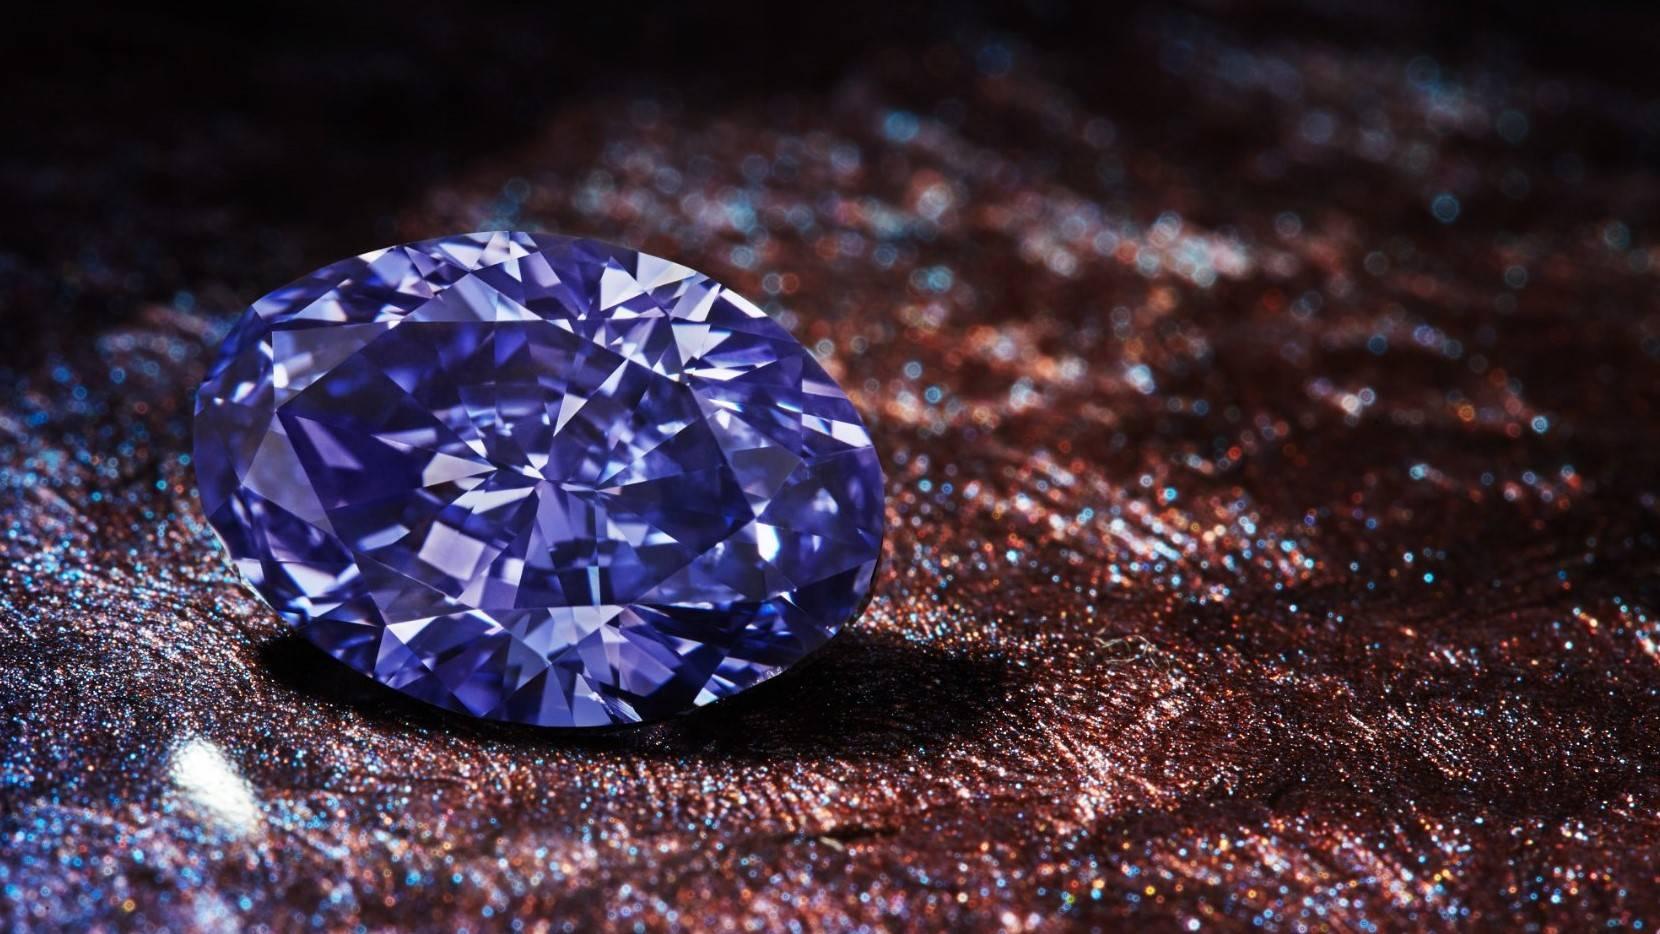 Hallan millones de toneladas de diamantes bajo la superficie terrestre